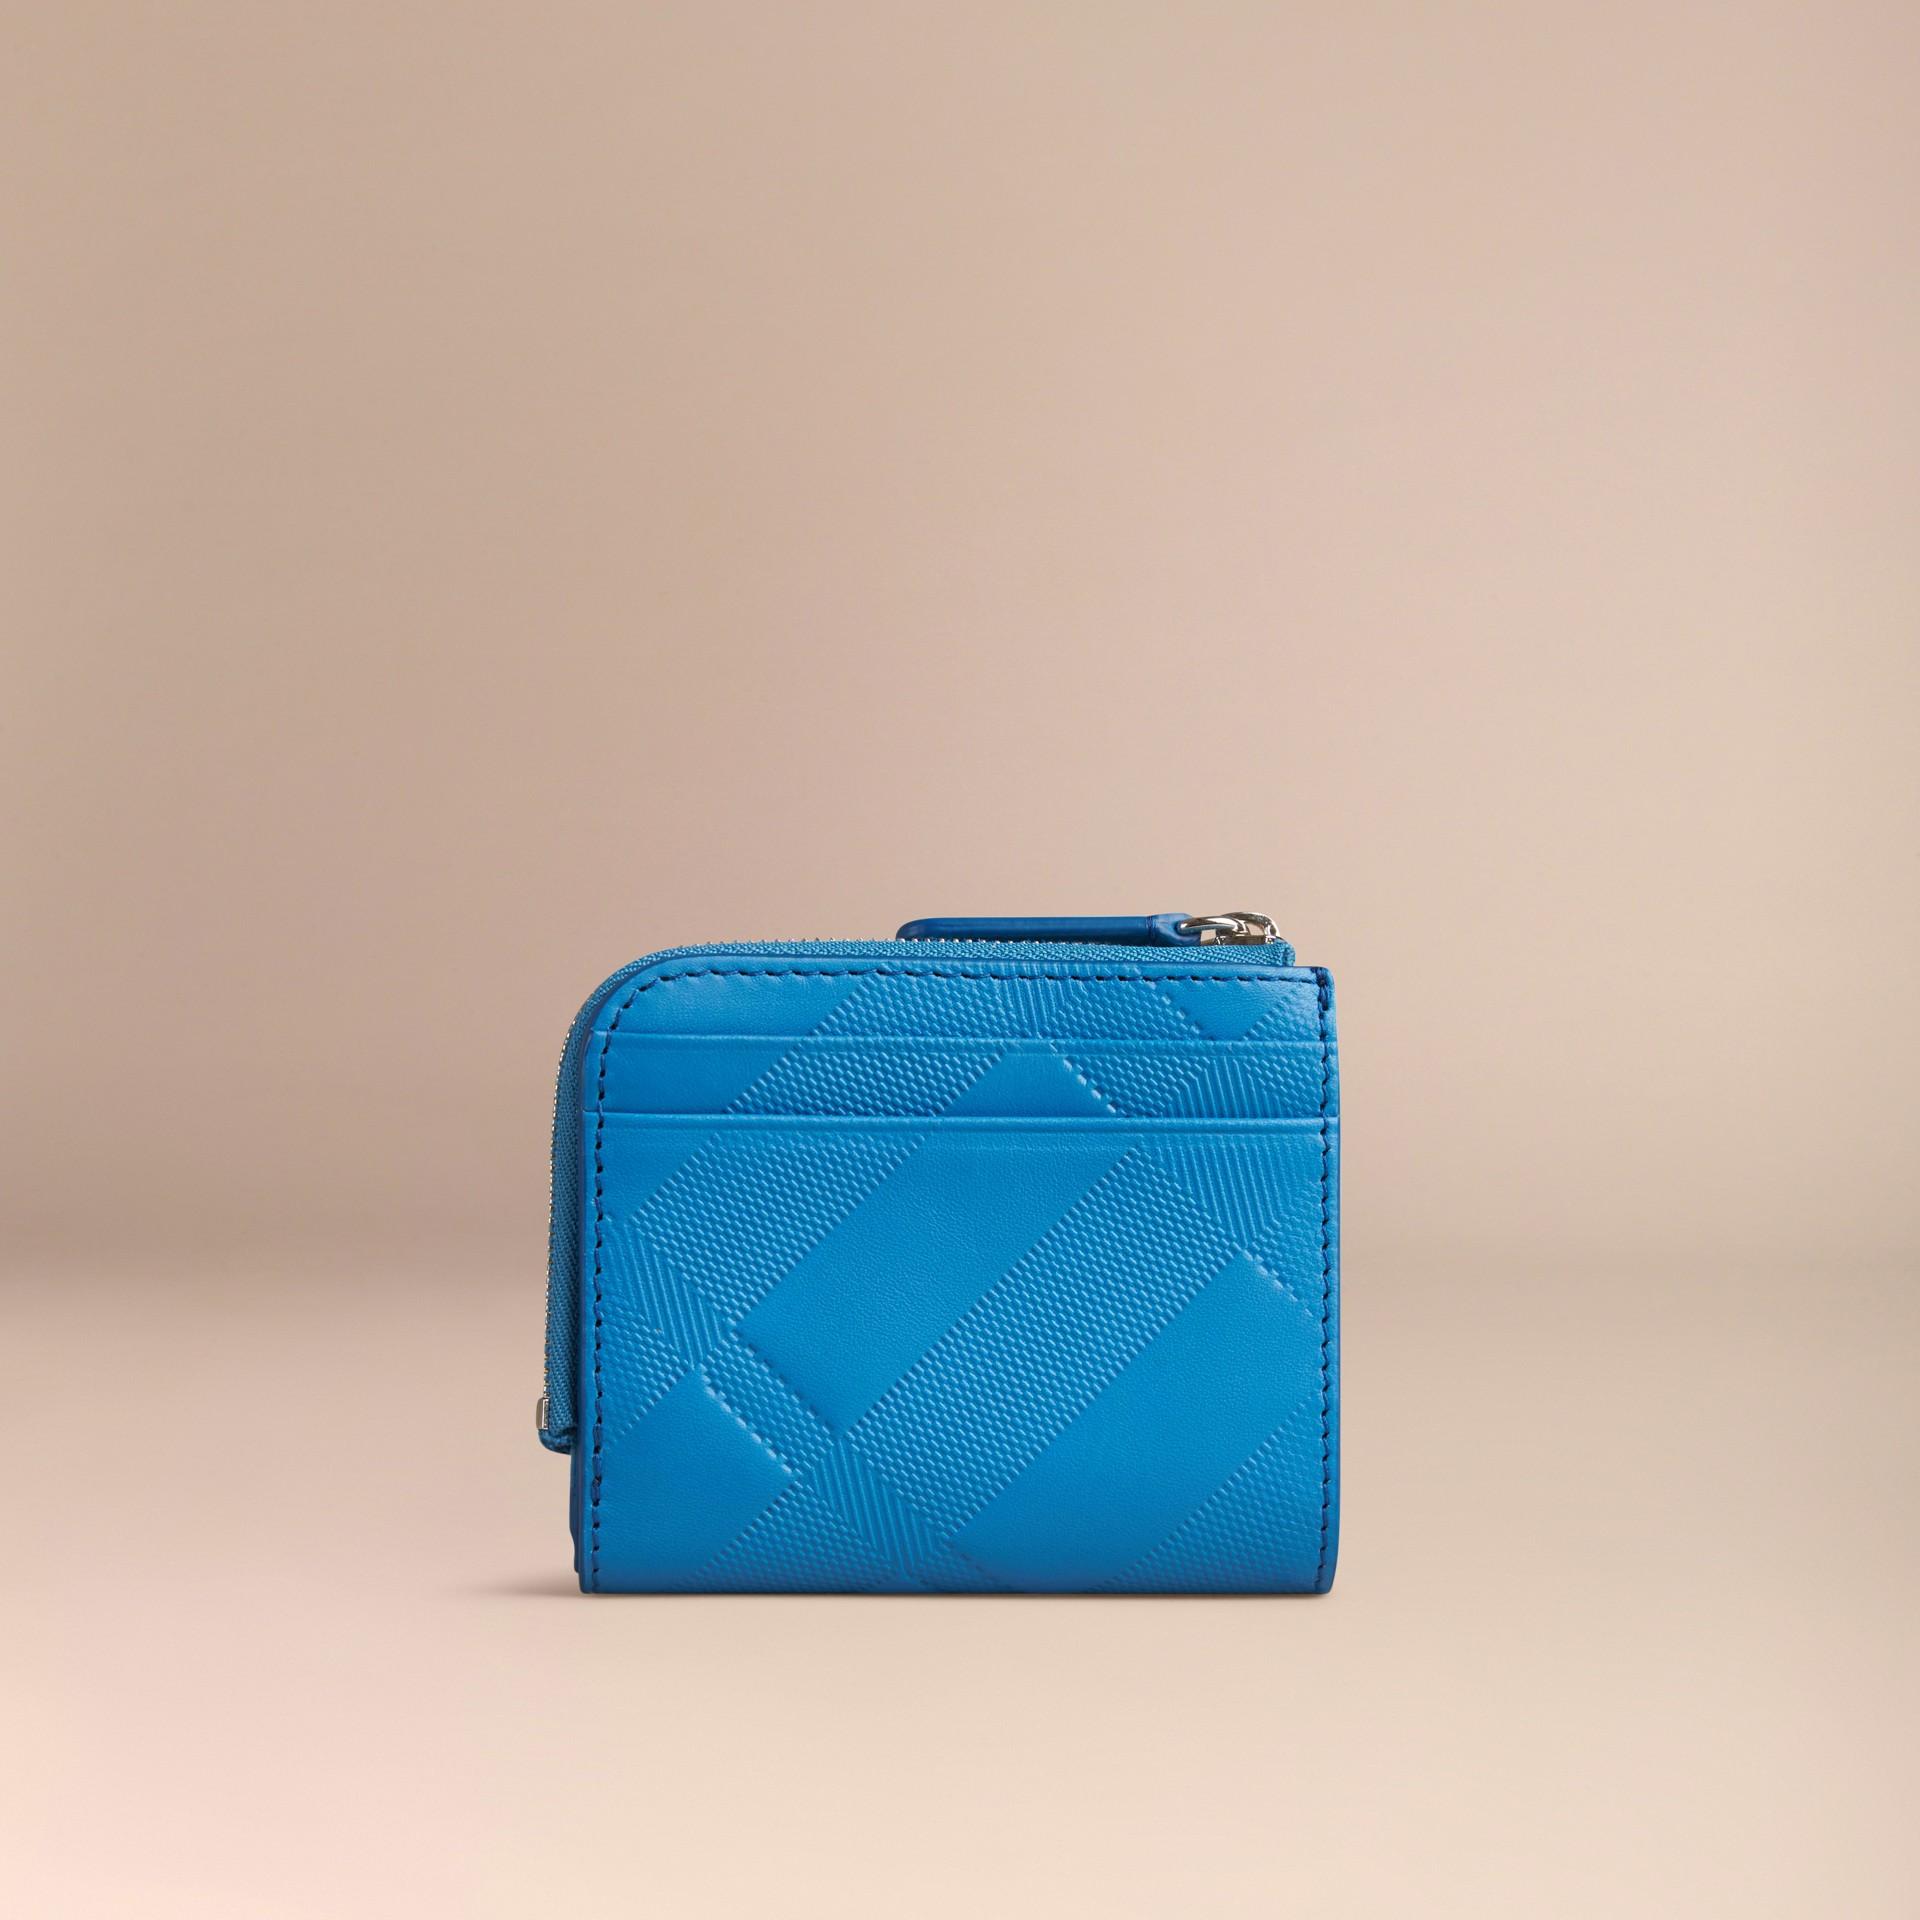 Azul azure Carteira dobrável de couro com padrão xadrez em relevo Azul Azure - galeria de imagens 4